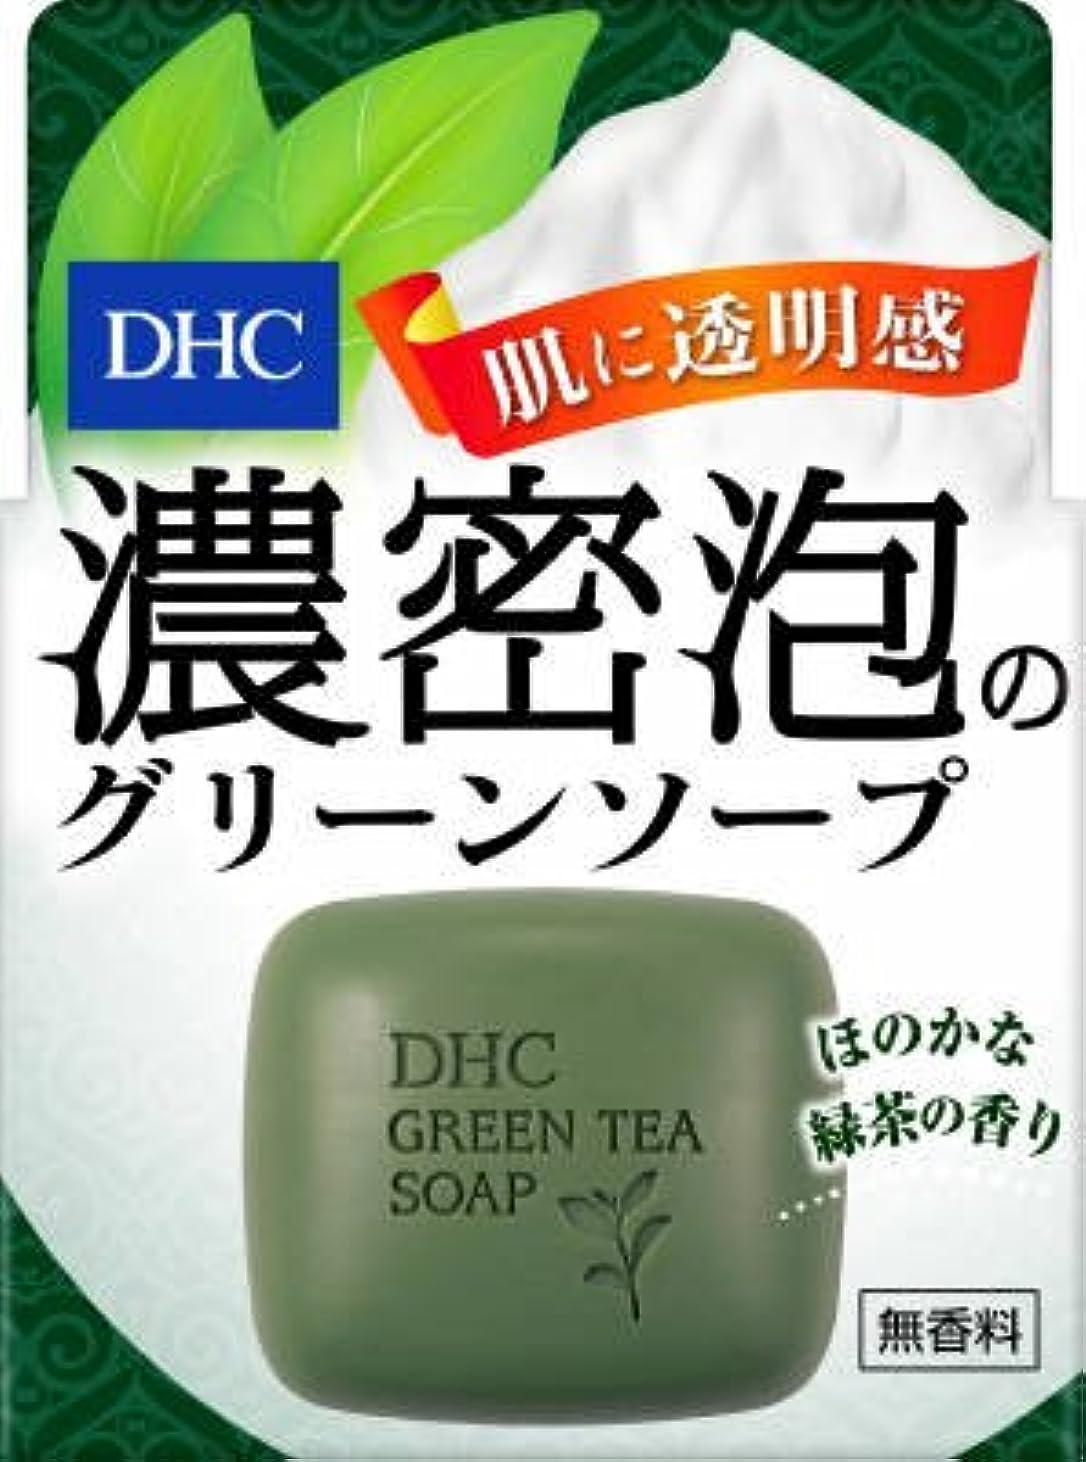 年次権限を与えるパーティションDHCグリーンソープ(SS)60g 国産茶葉使用の洗顔石鹸 緑茶石けん(DHC人気79位)×30点セット (4511413306826)